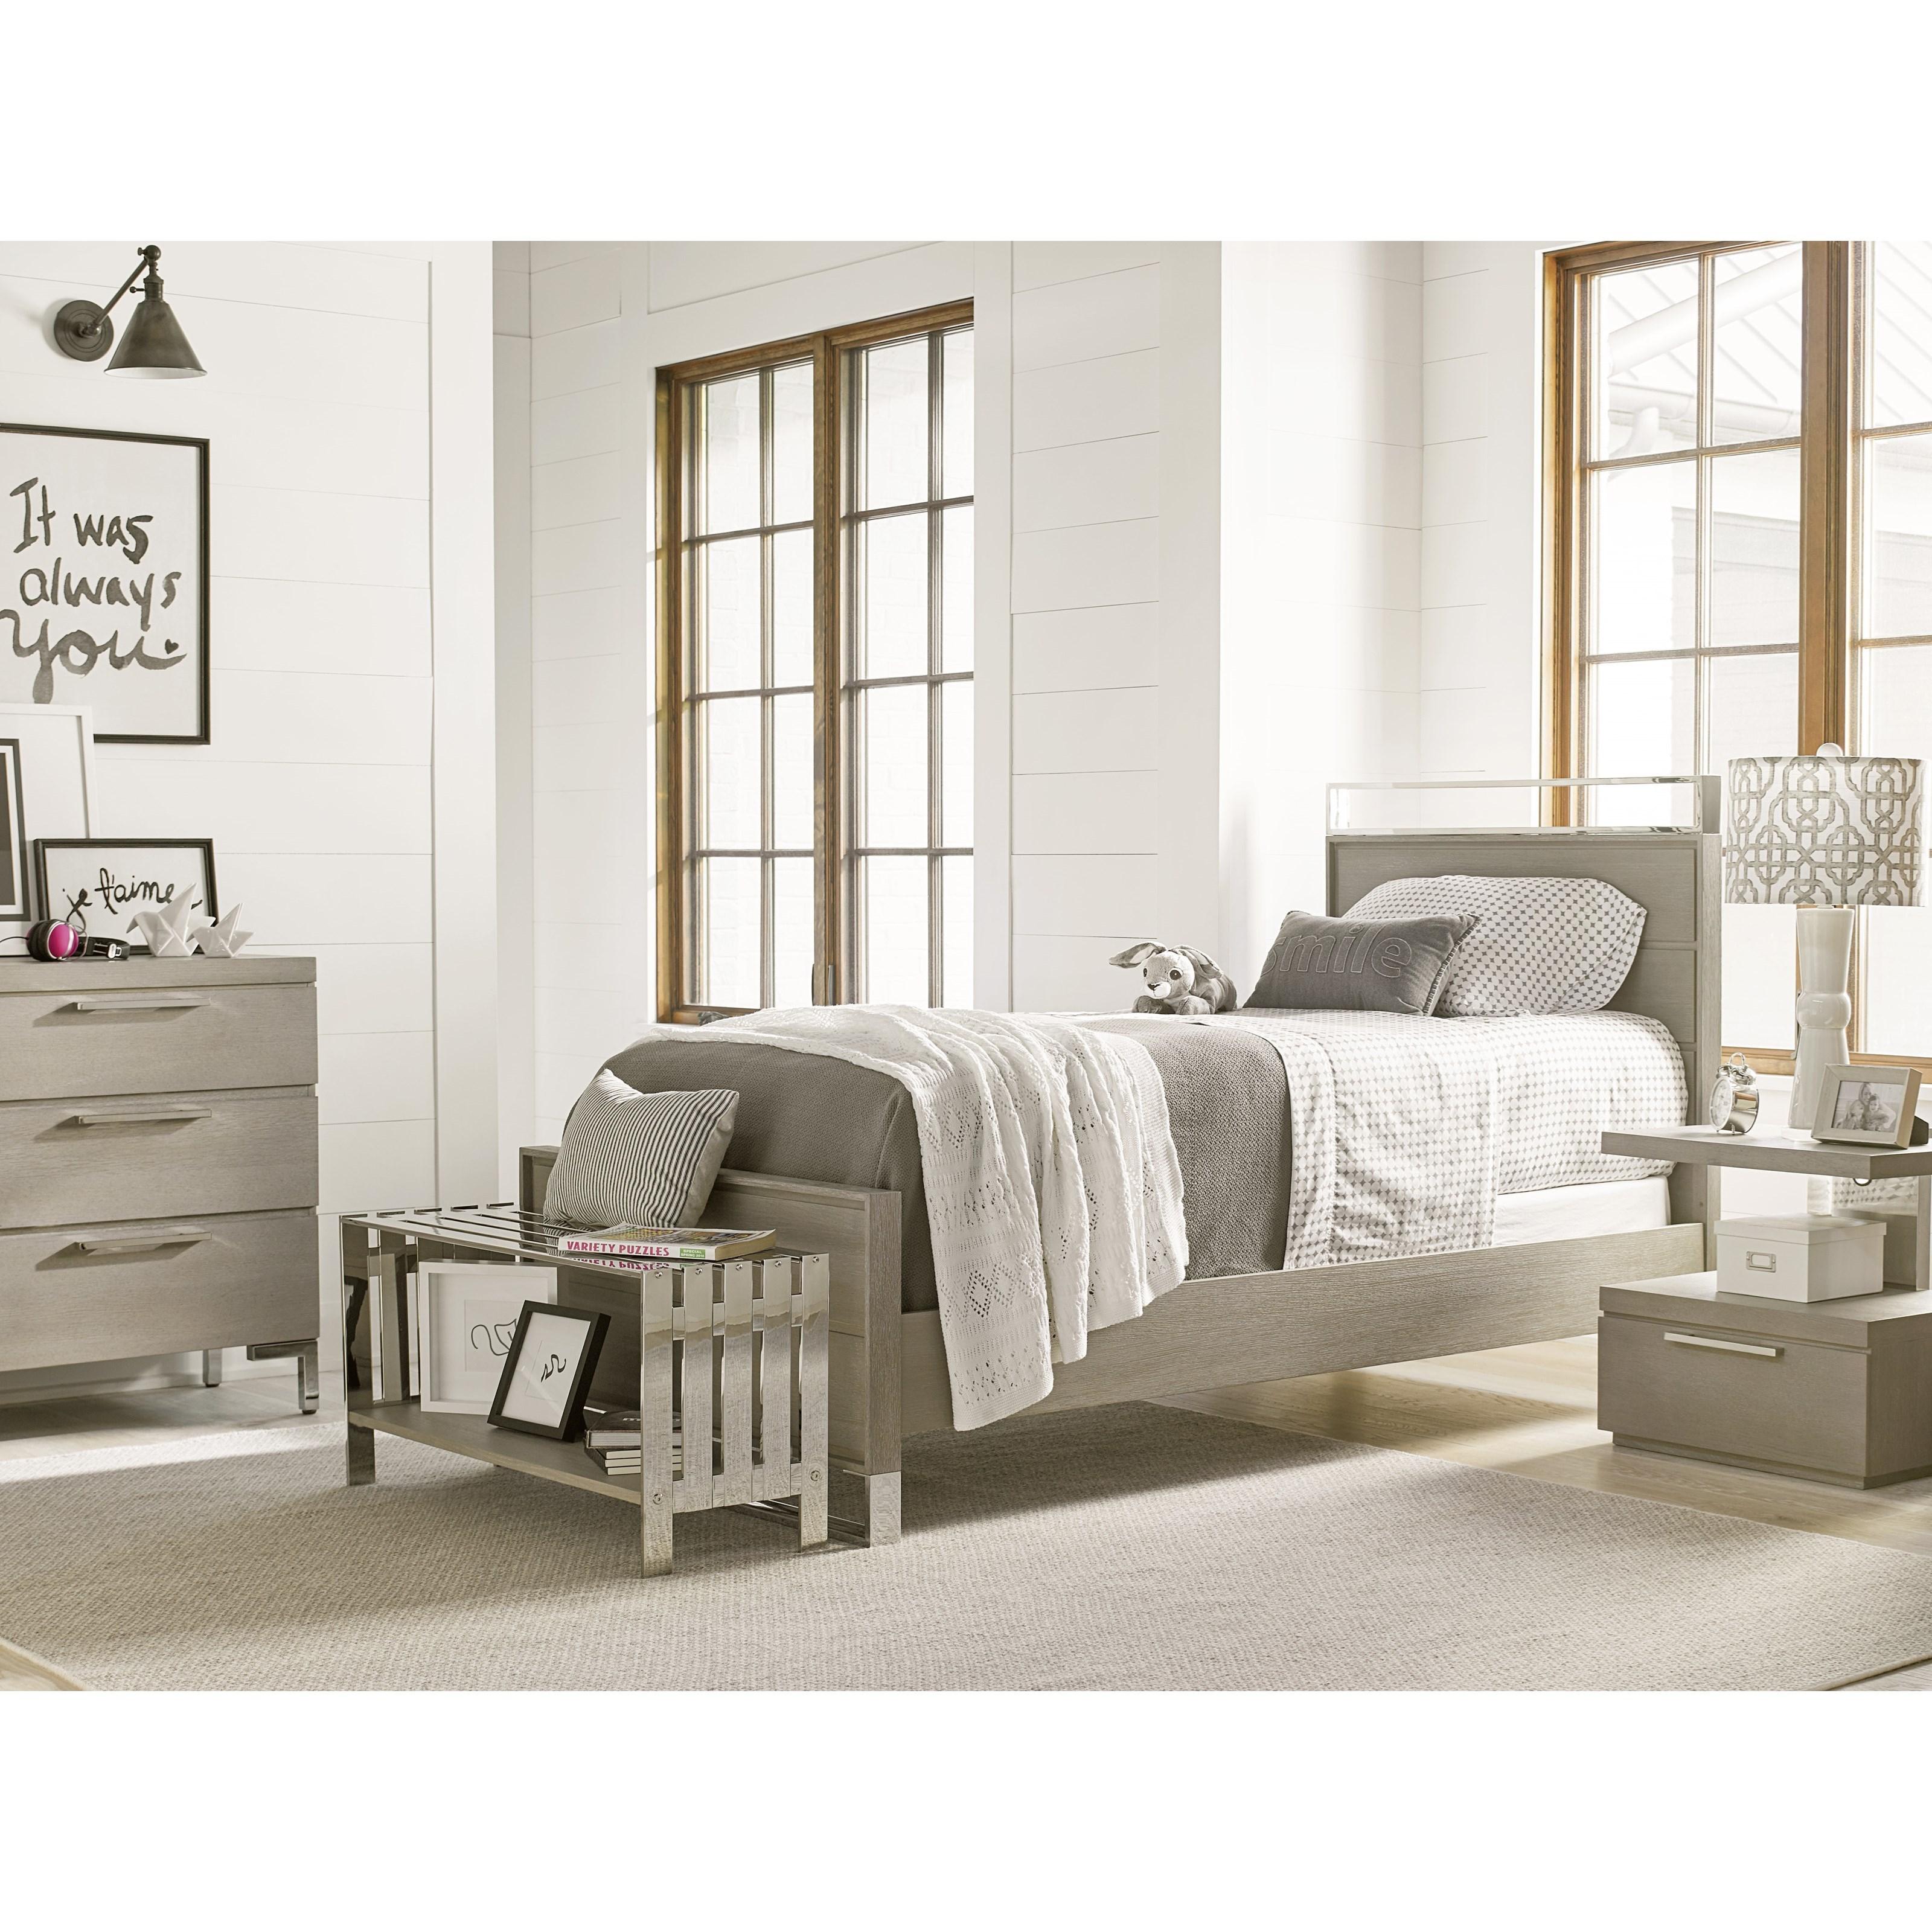 Attractive Universal Kids Smartstuff AxisTwin Bedroom Group